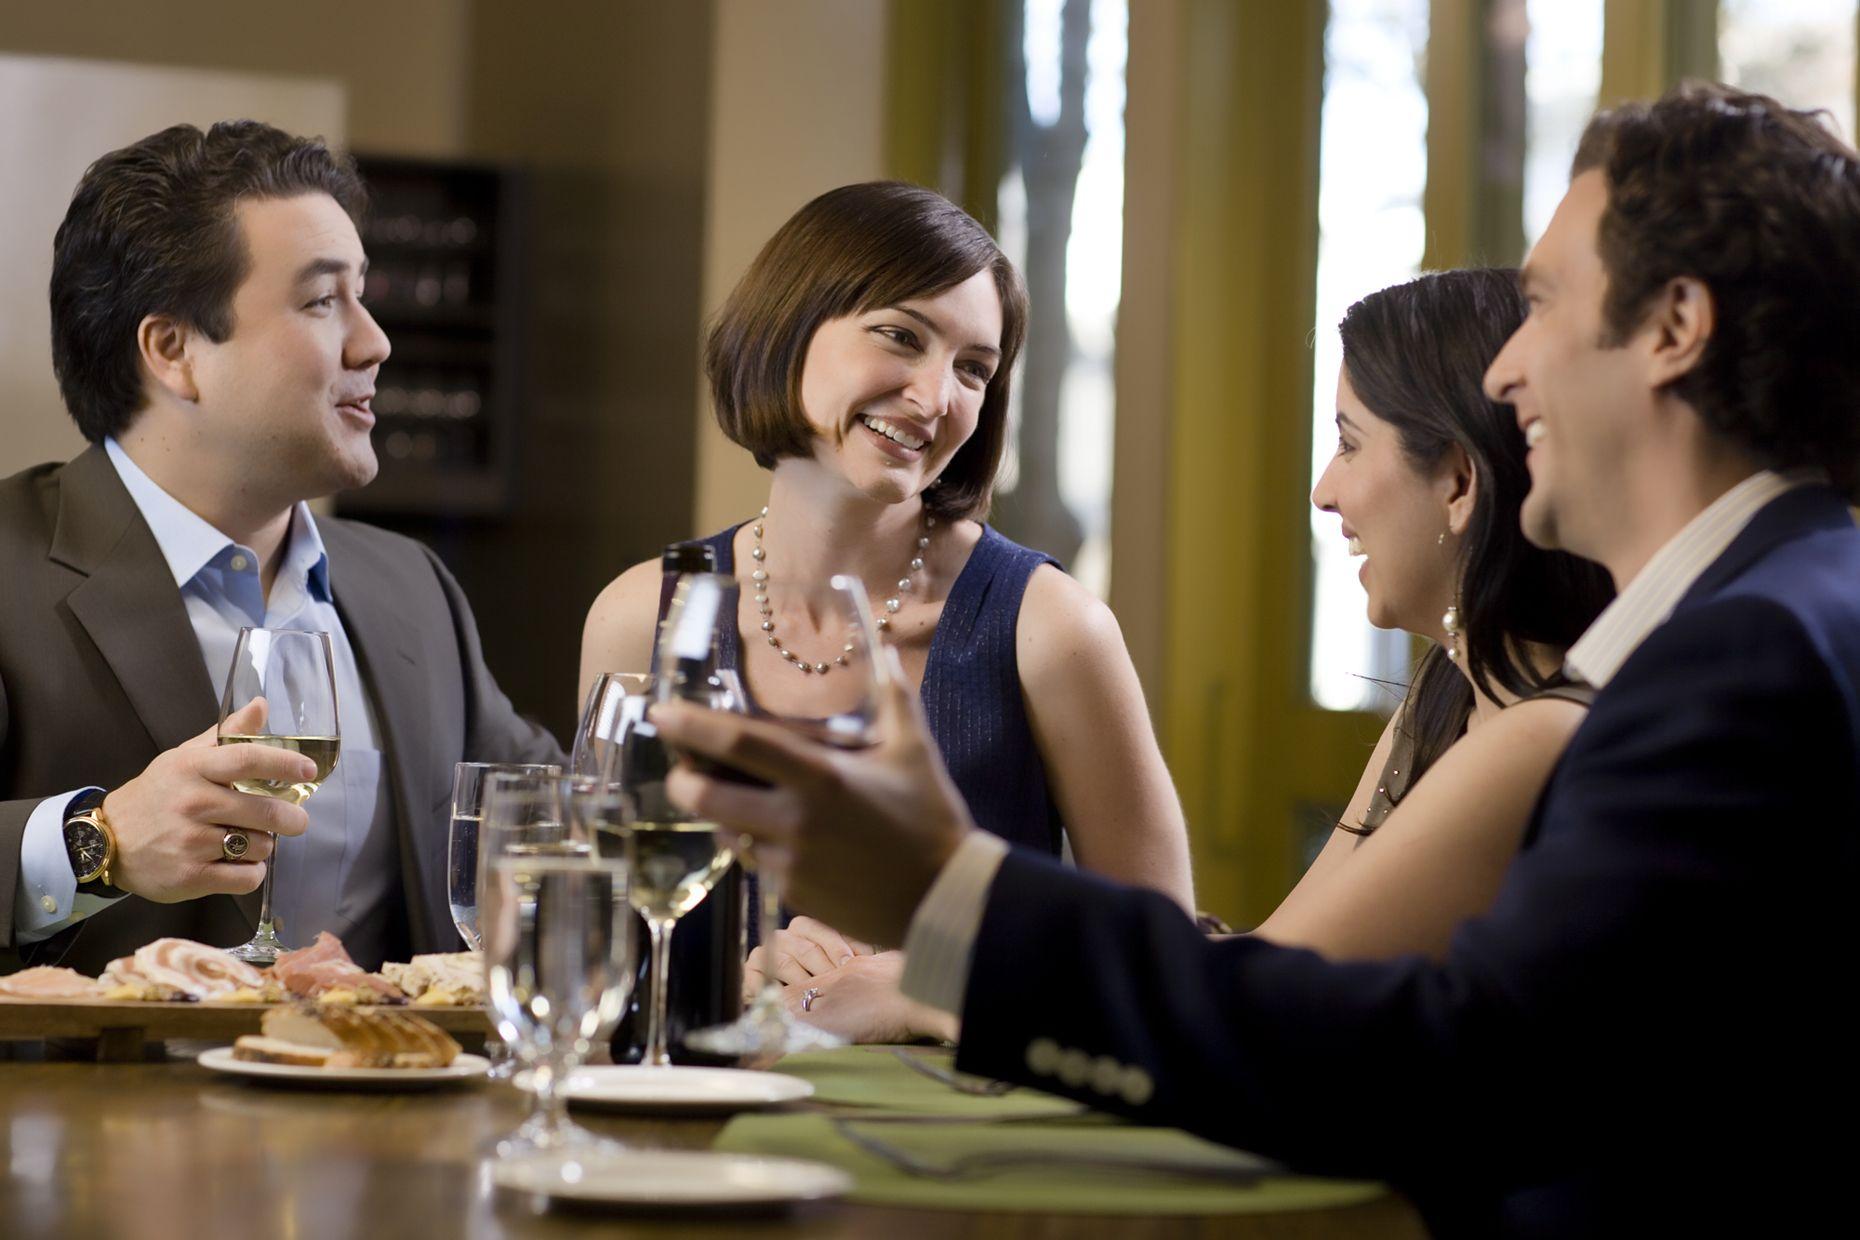 Siempre es bueno compartir con amigos del trabajo una de vez en cuando. Invítalos a cenar y será un momento muy agradable.